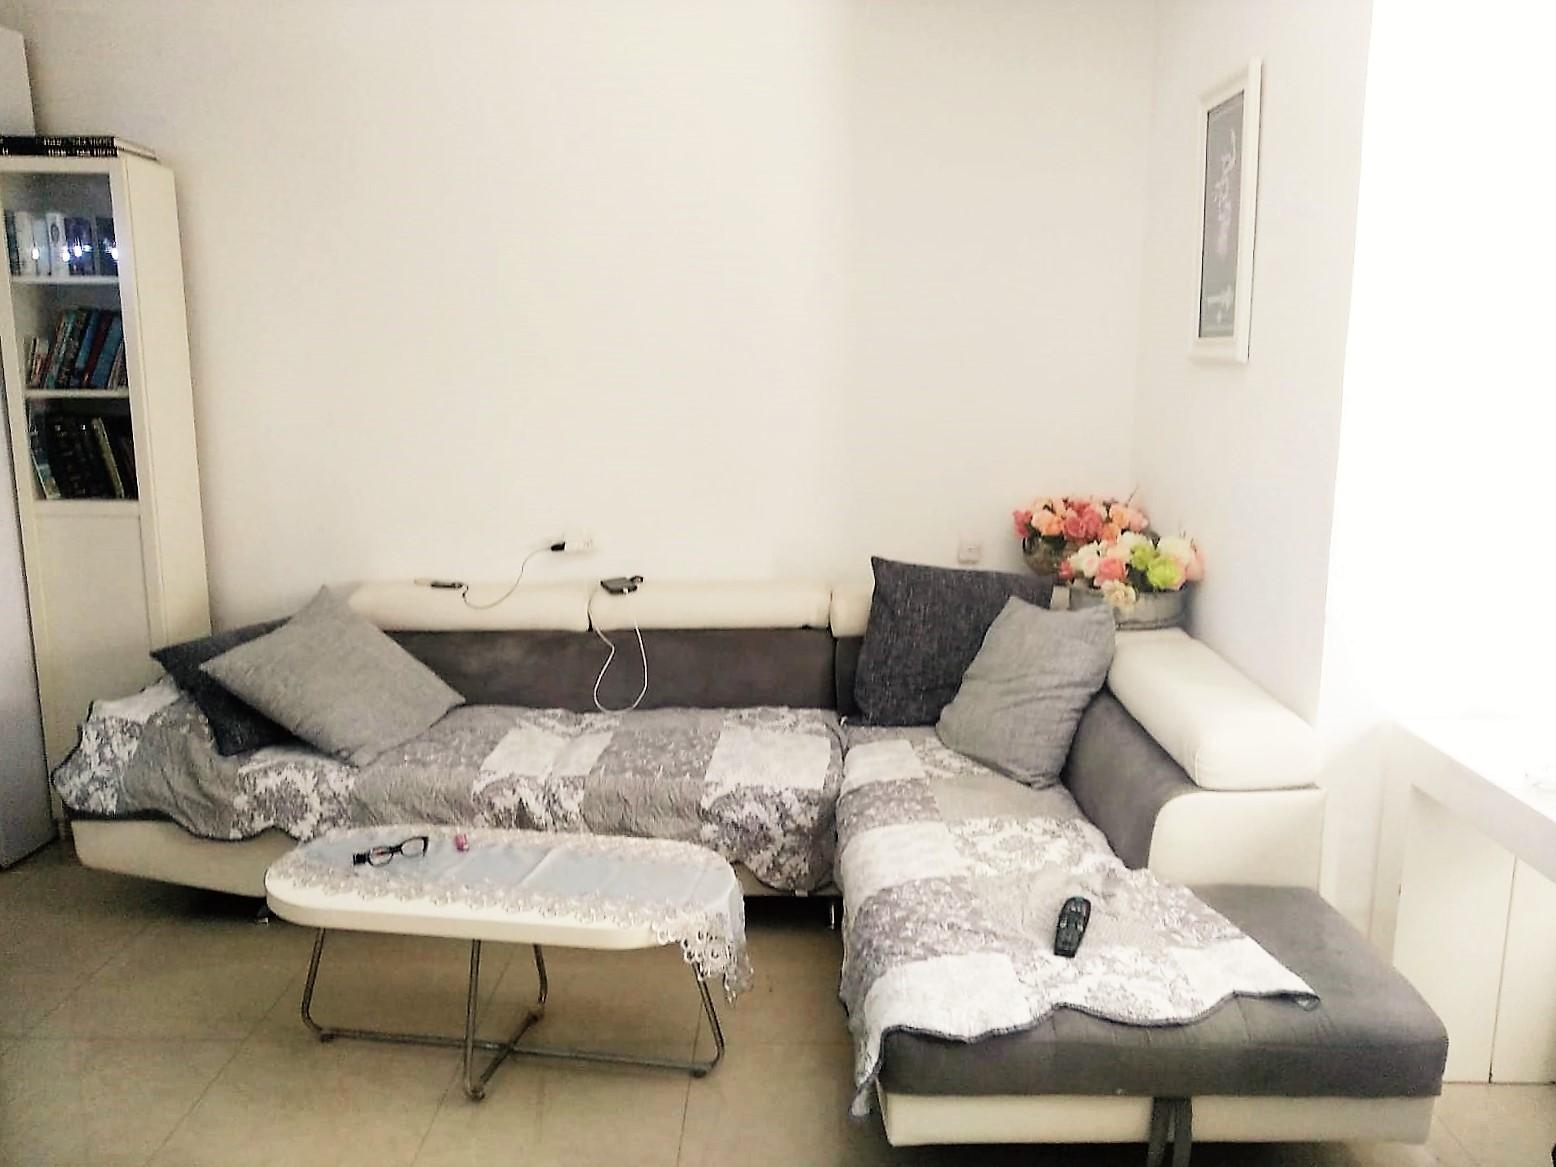 דירה למכירה 3 חדרים 1,550,000₪, בת ים